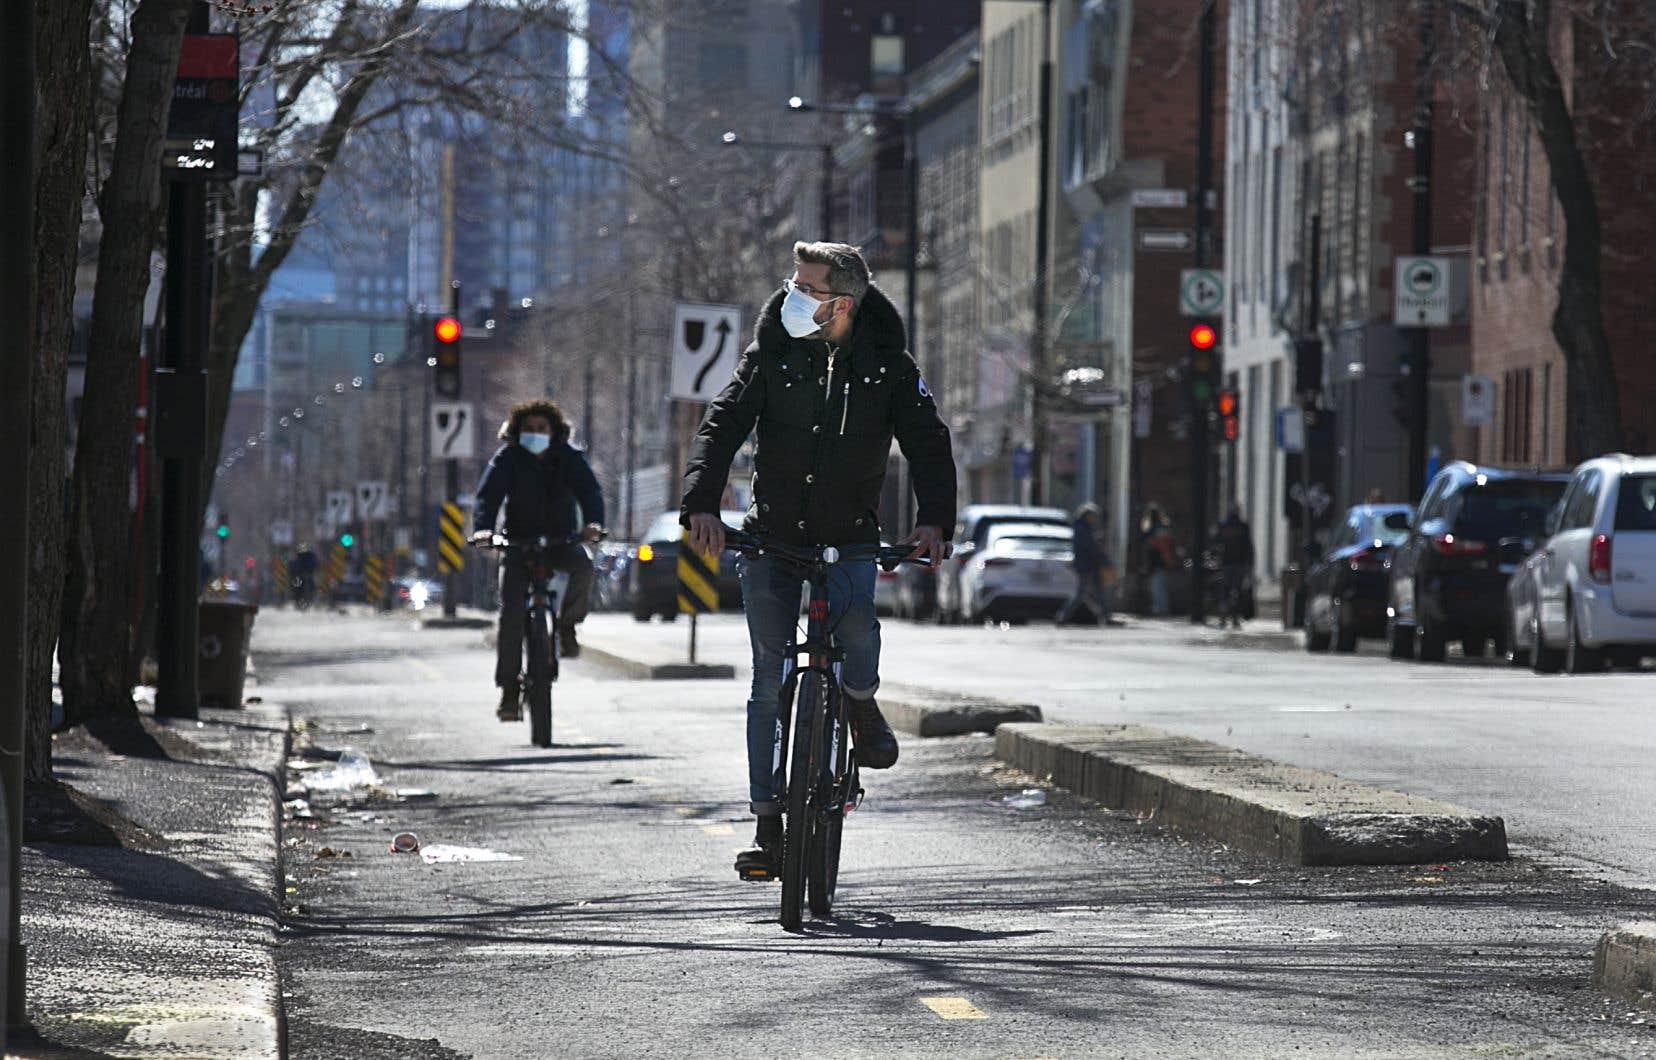 Dans la région de Montréal, 80% des répondants à un sondage sont en faveur que le gouvernement rende les masques obligatoires dans les commerces.